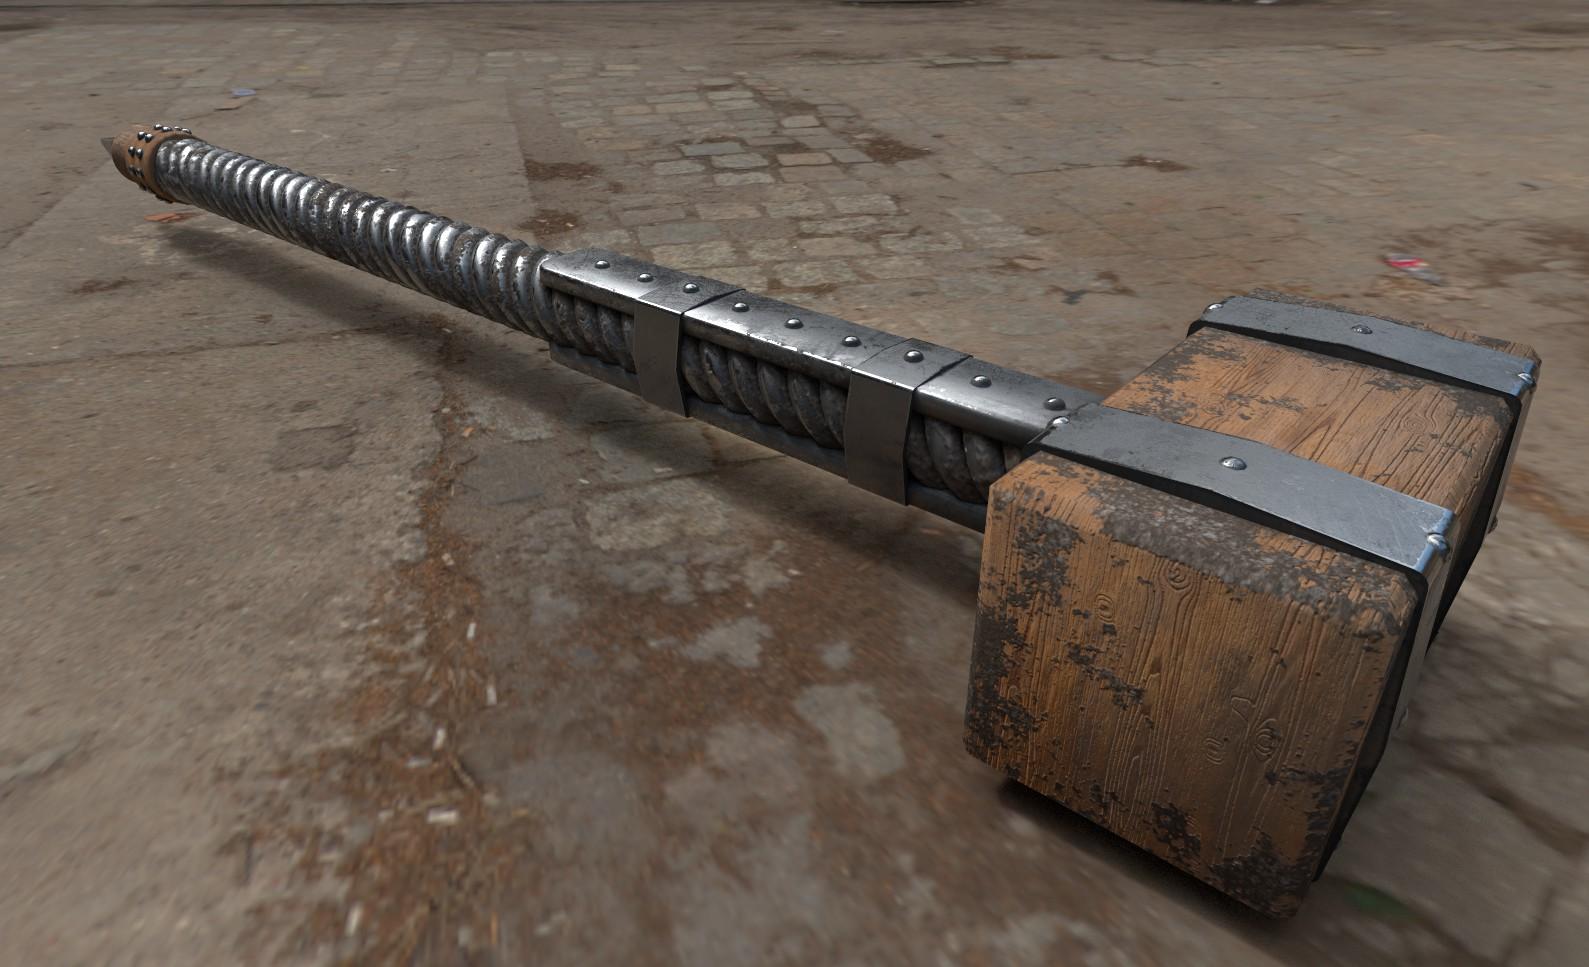 Procedurally generated Viking Hammer by Tobias Steiner